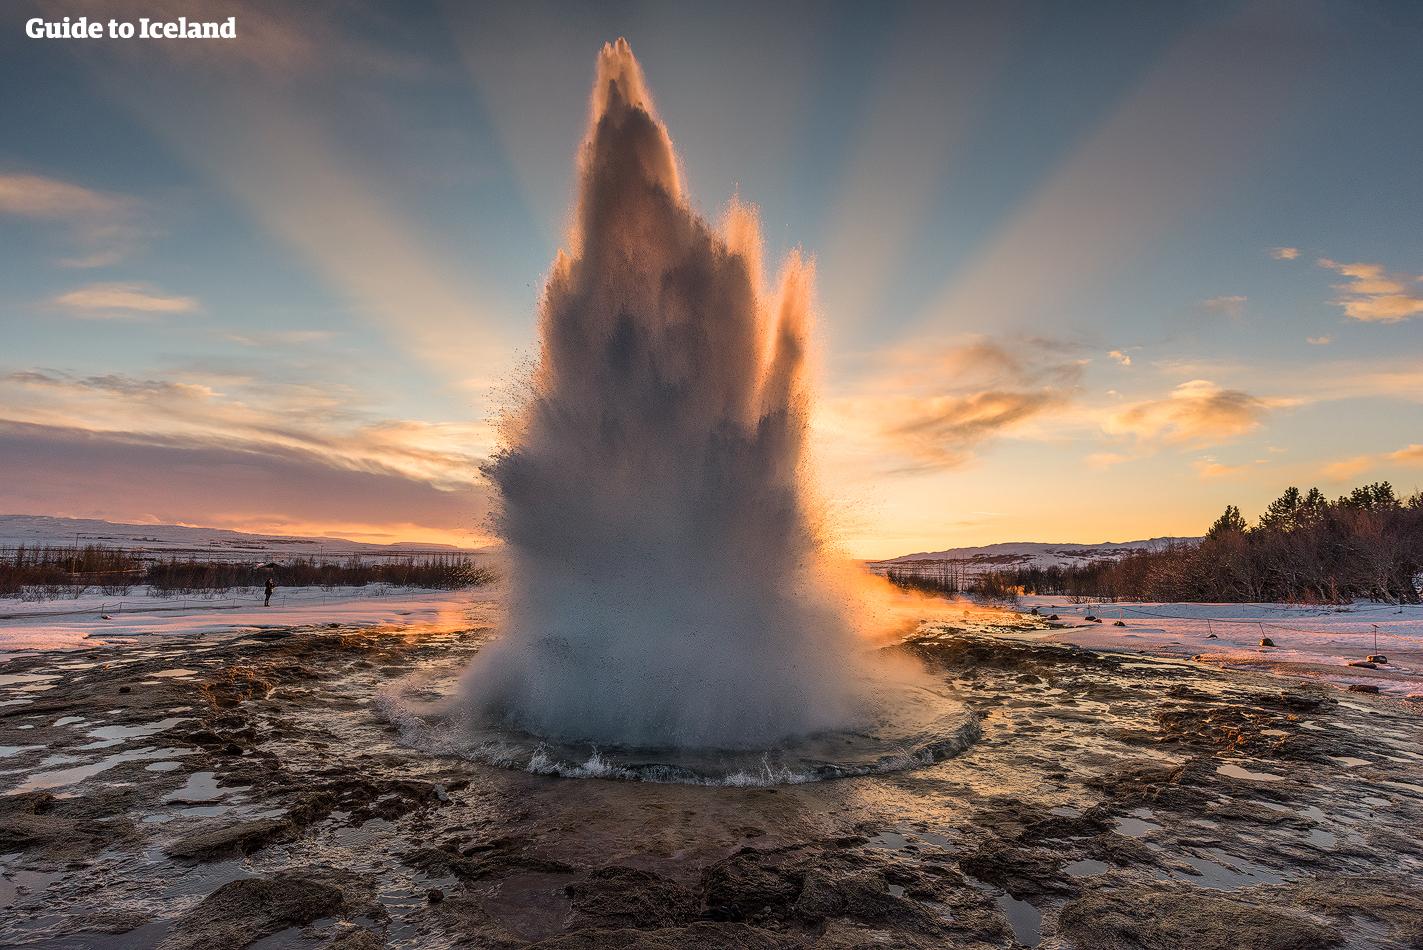 Il tempoin Islanda e il periodo migliore pervisitarla